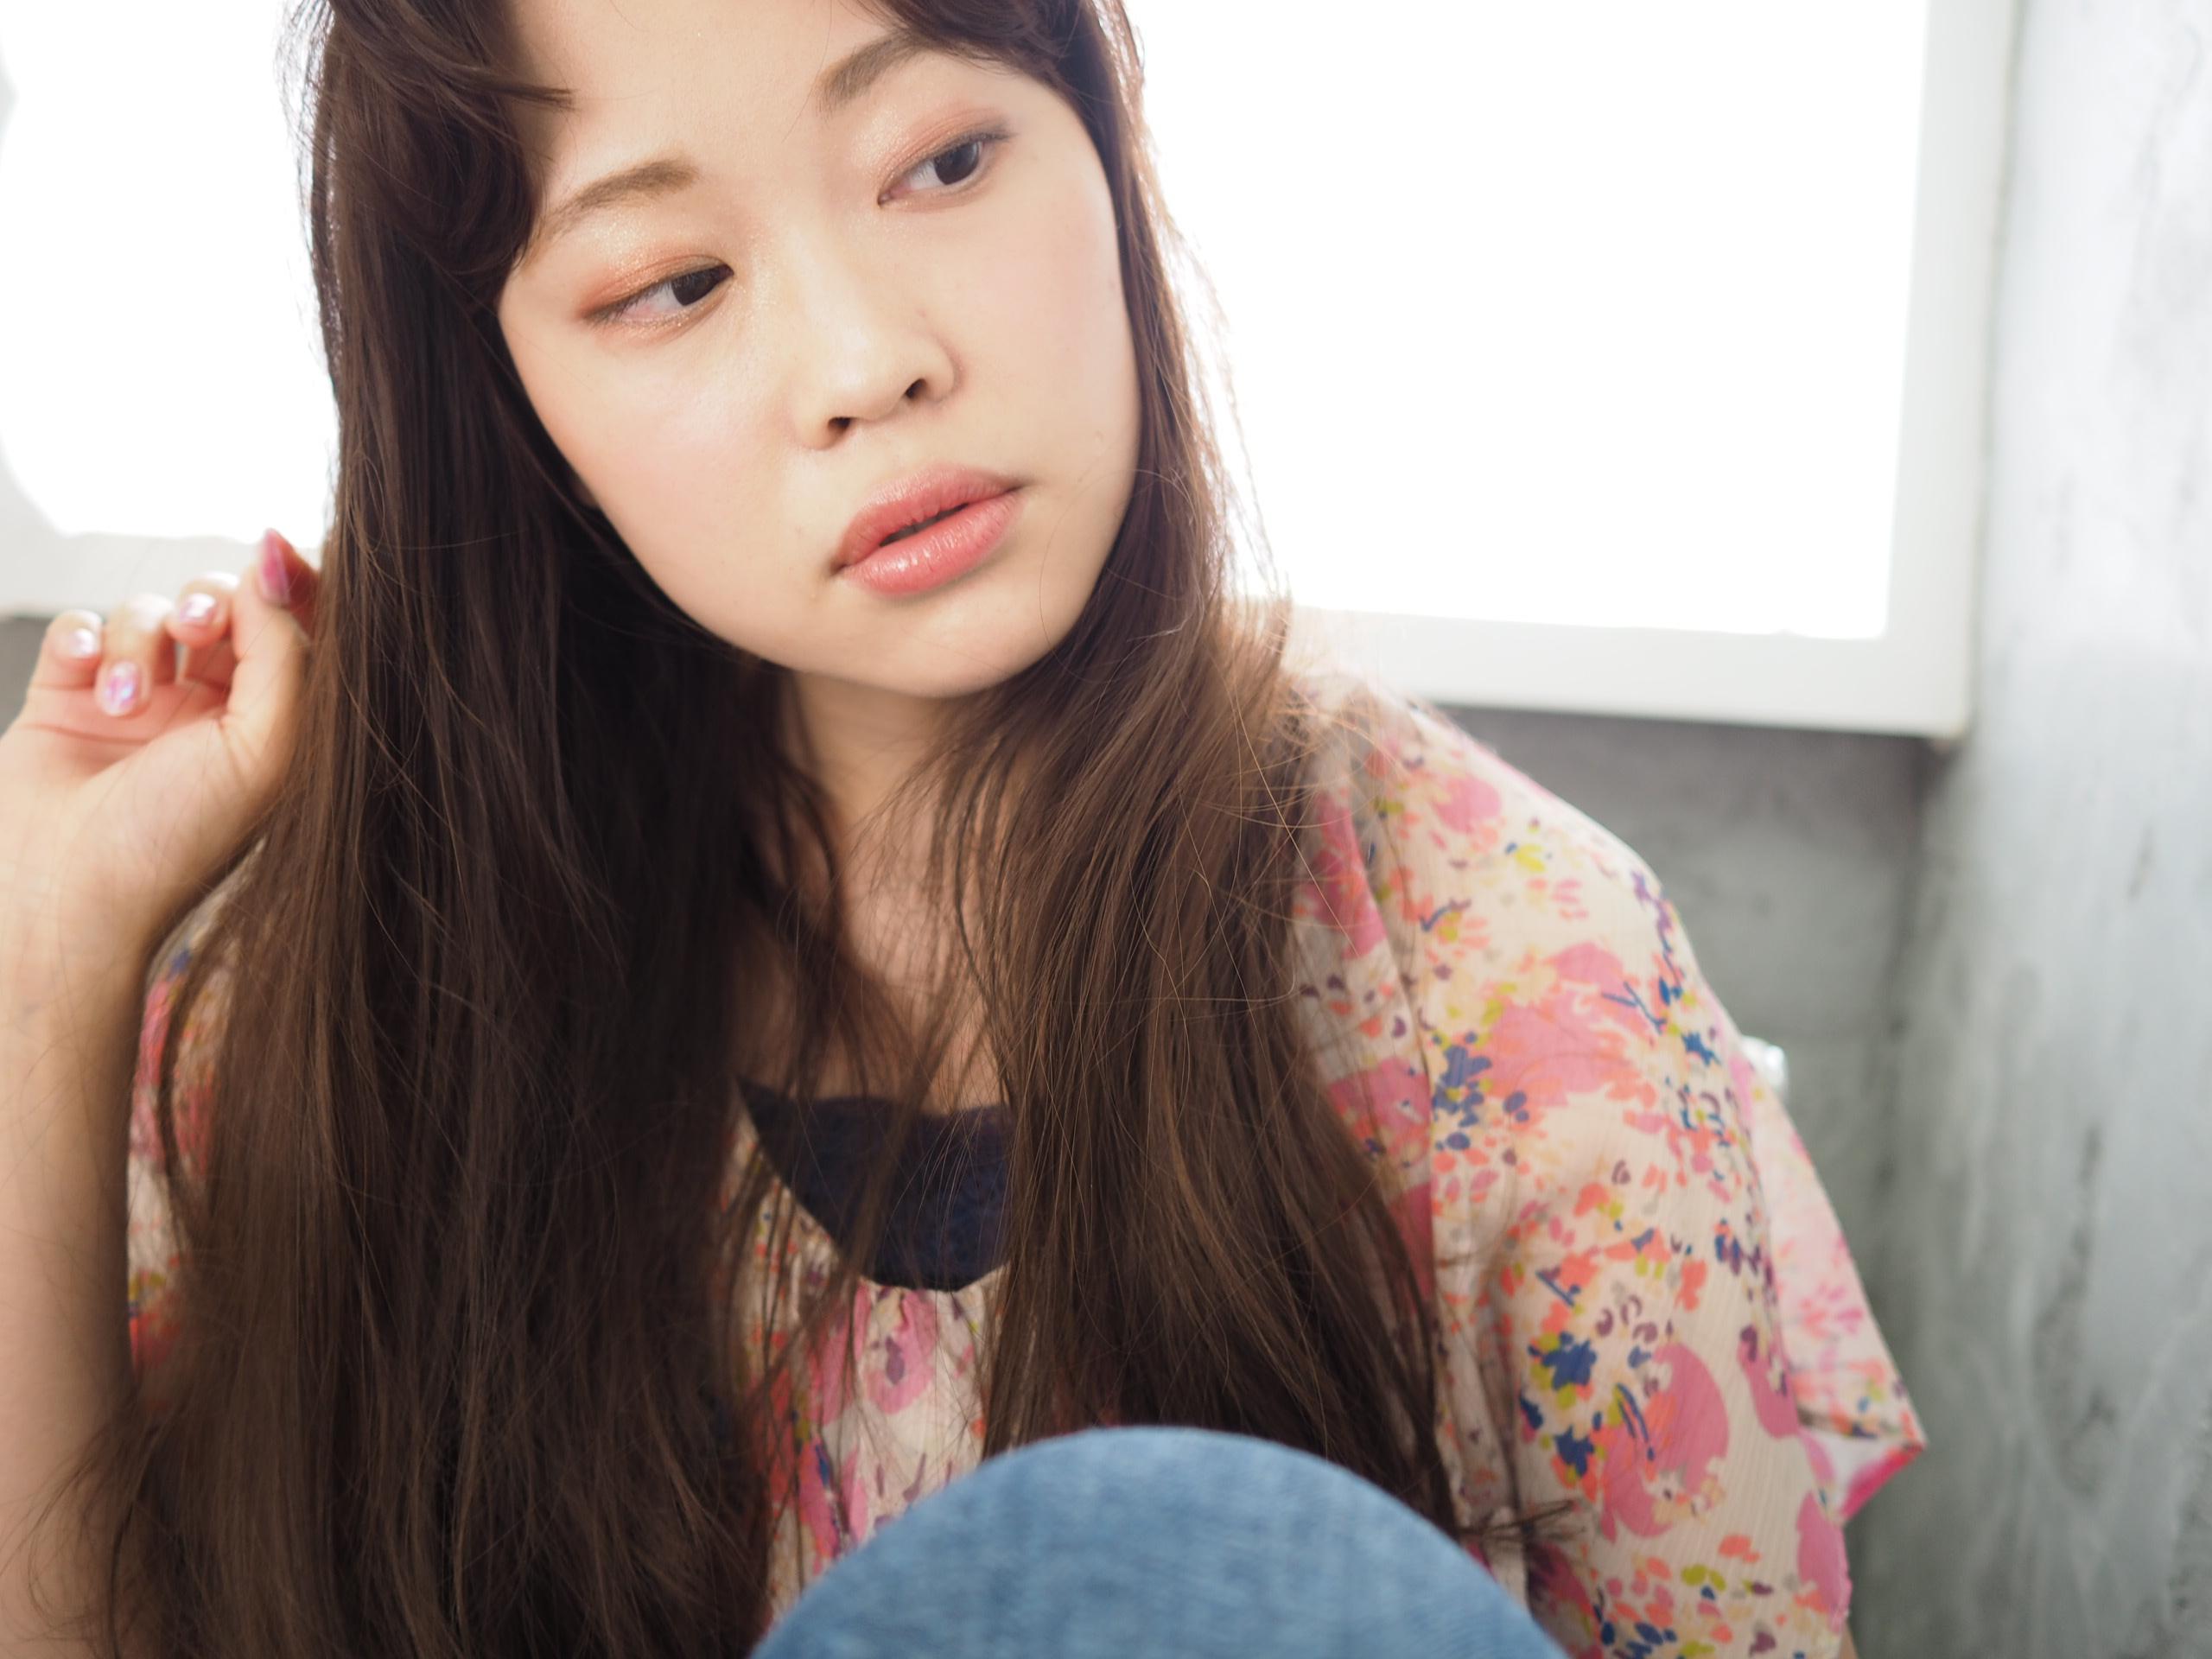 高円寺 阿佐ヶ谷 中野 中央線 美容室 ヘアスタイル